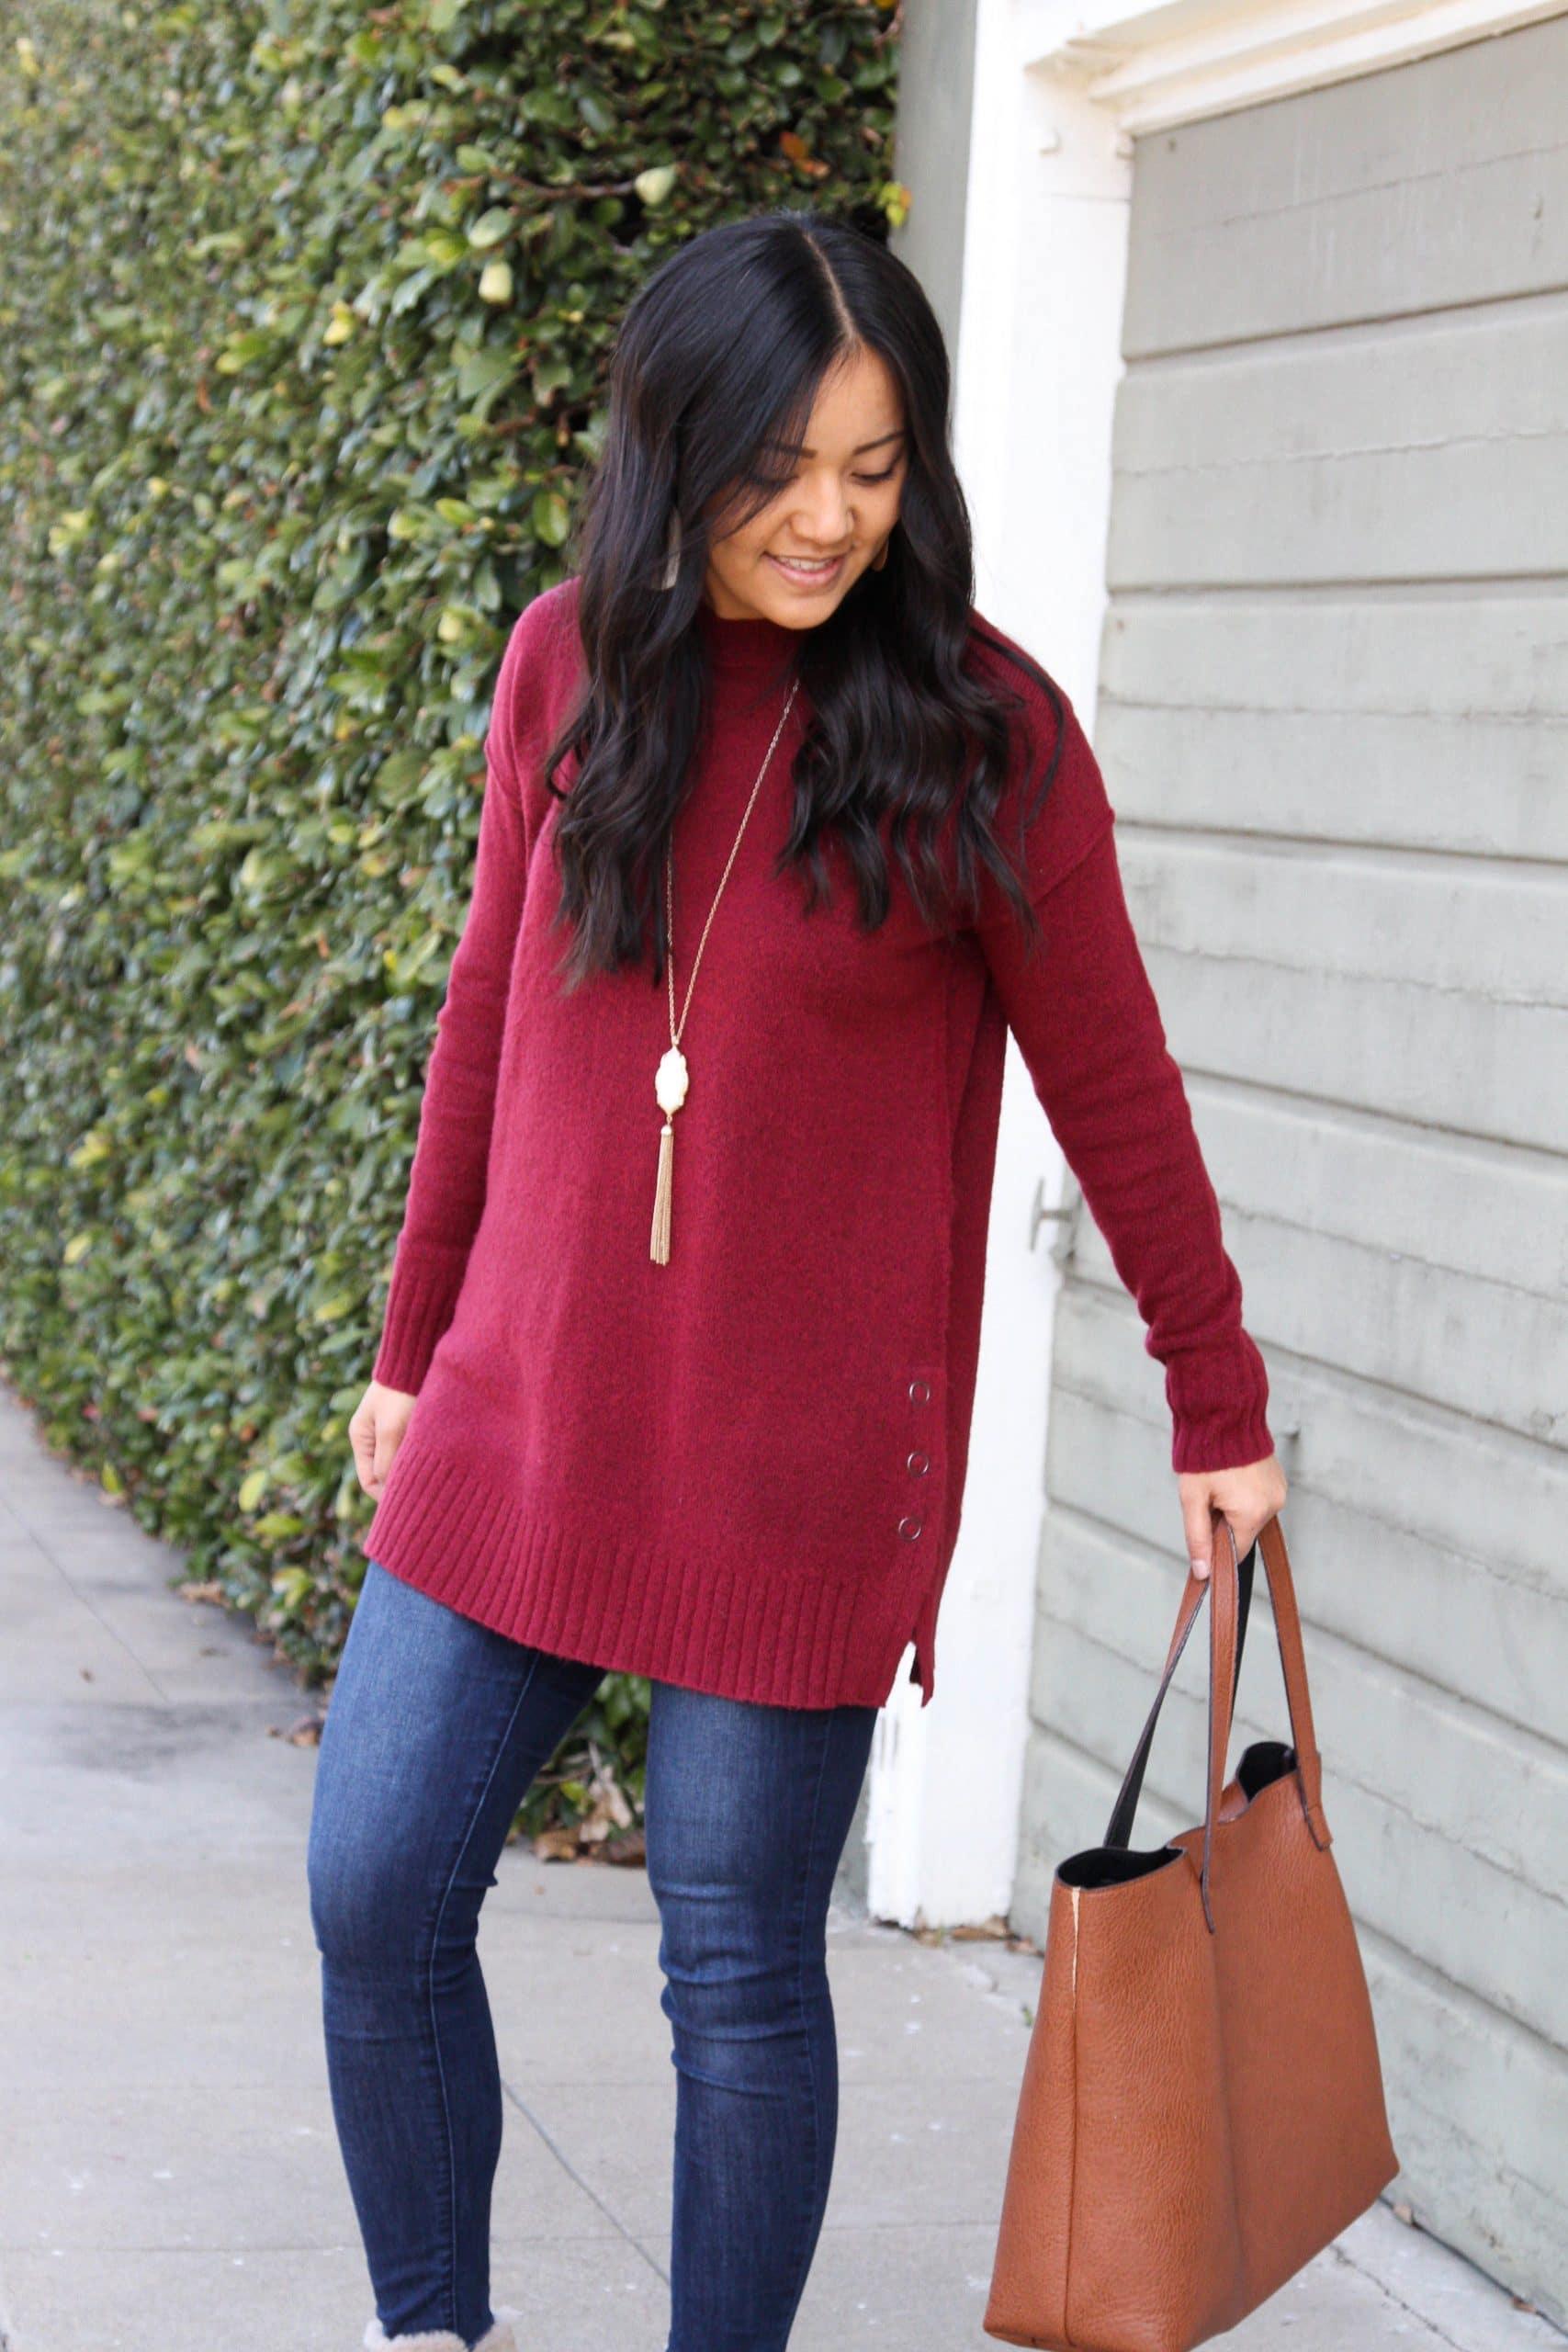 maroon sweater + cognac tote + skinny jeans + wedge booties